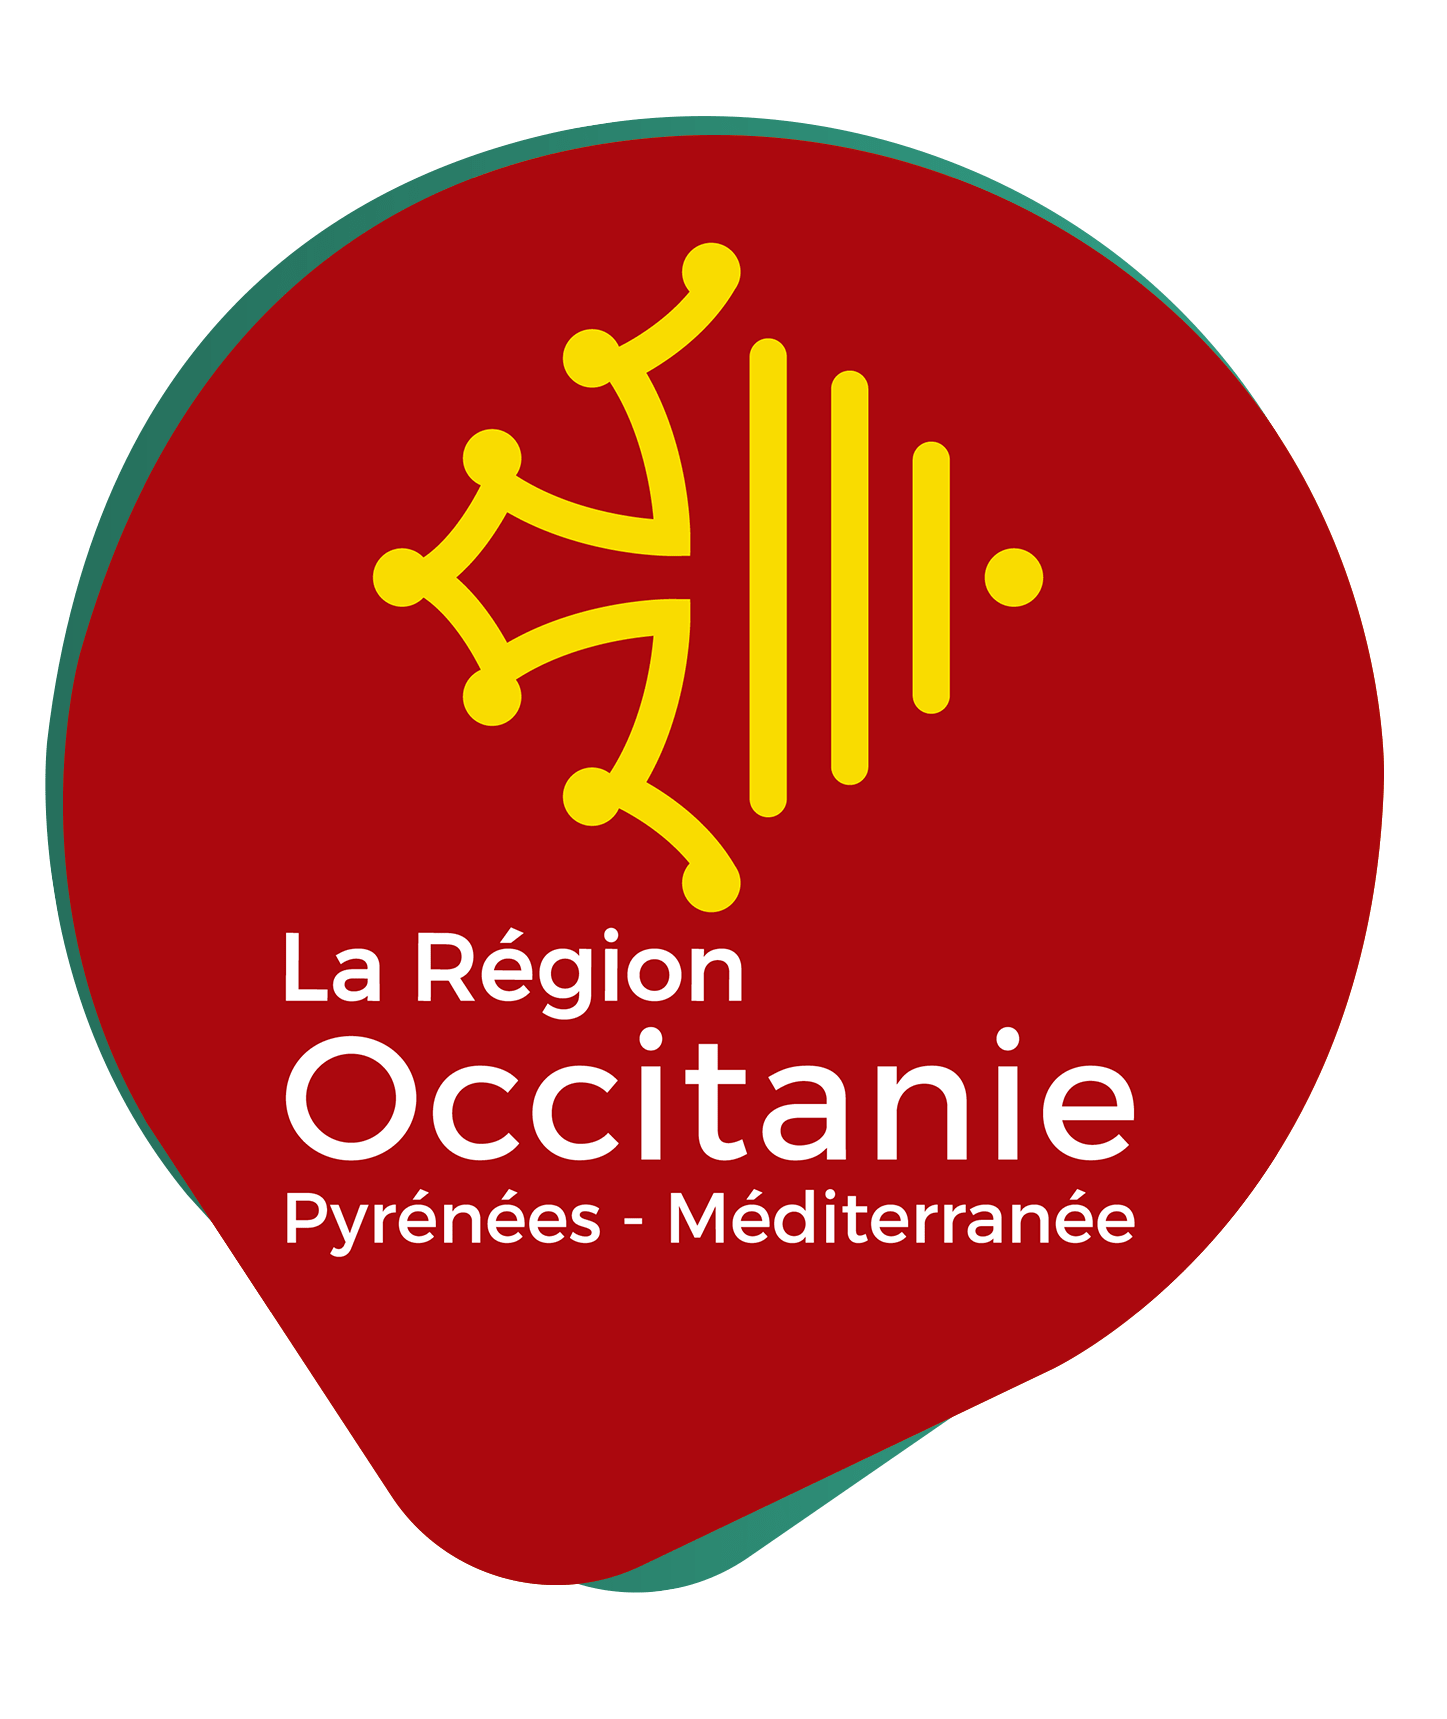 la region occitanie partenaire du festival des saveurs min